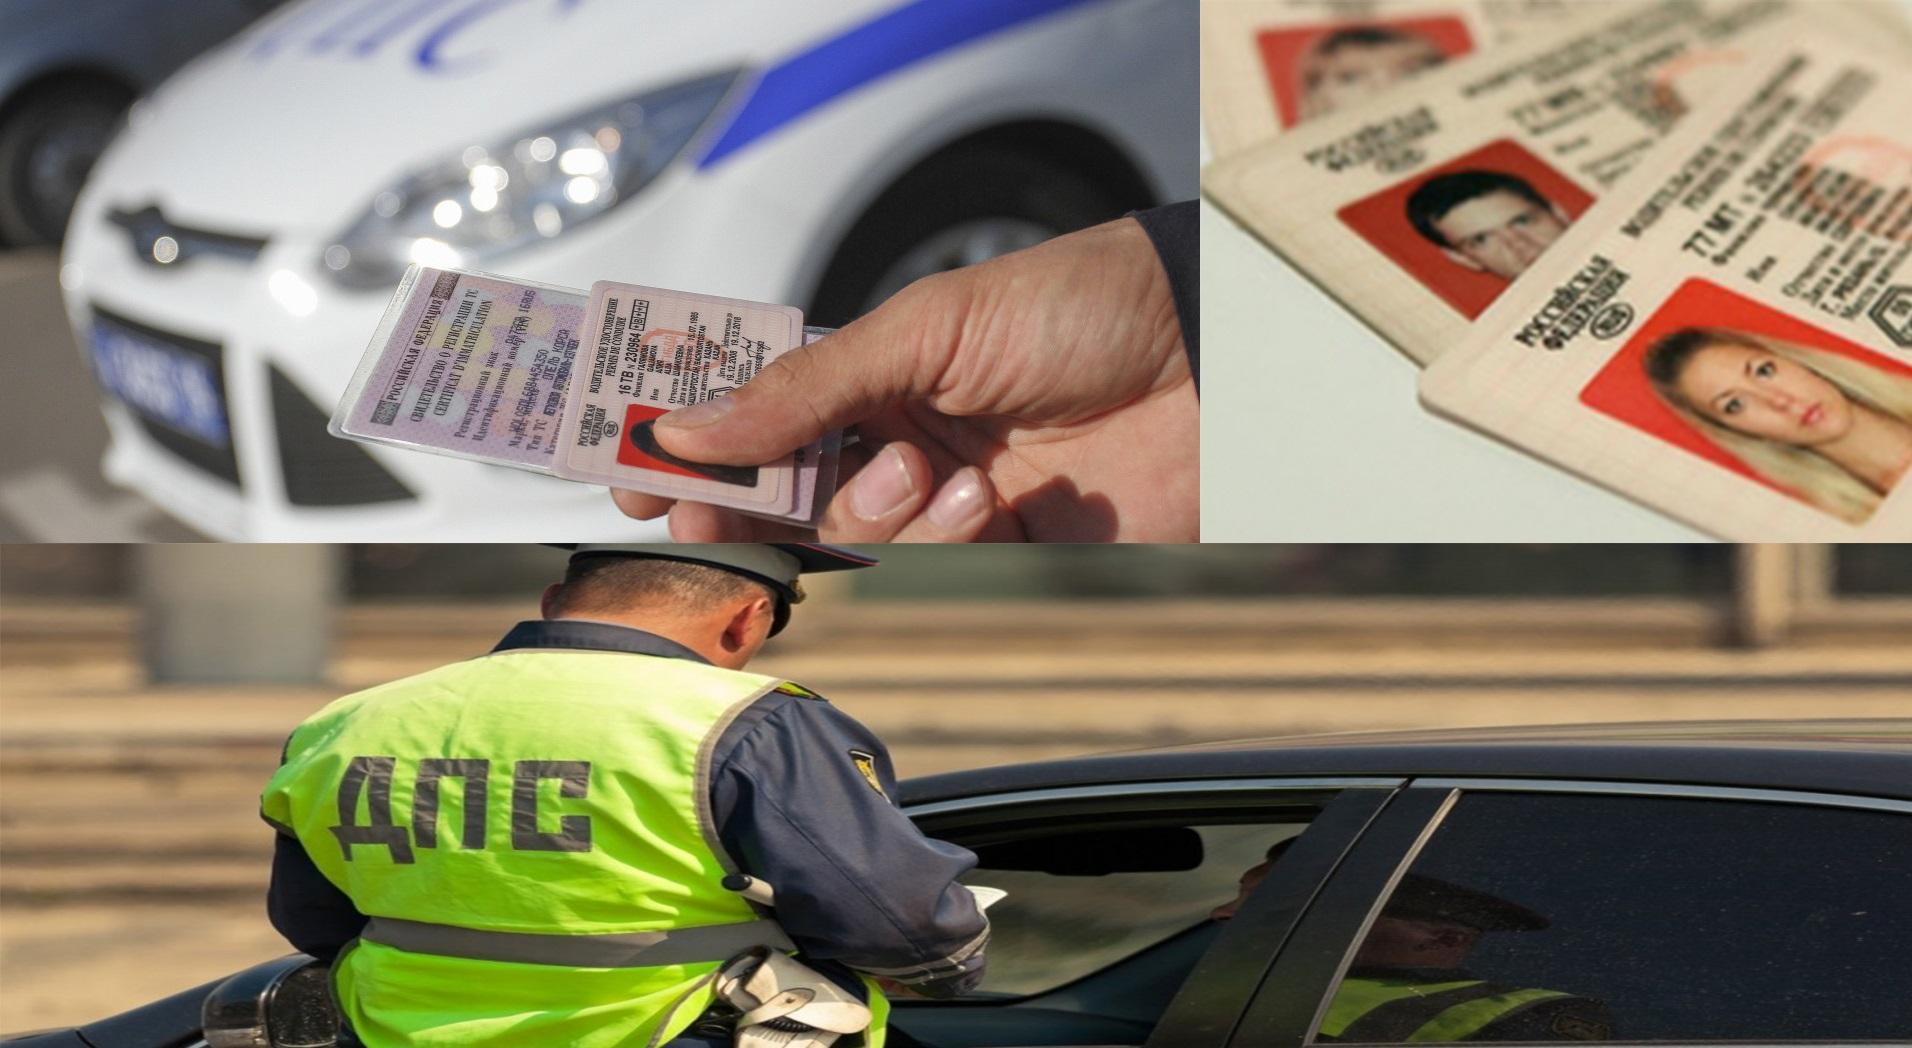 Три нарушения могут грозить лишением прав на 1 год